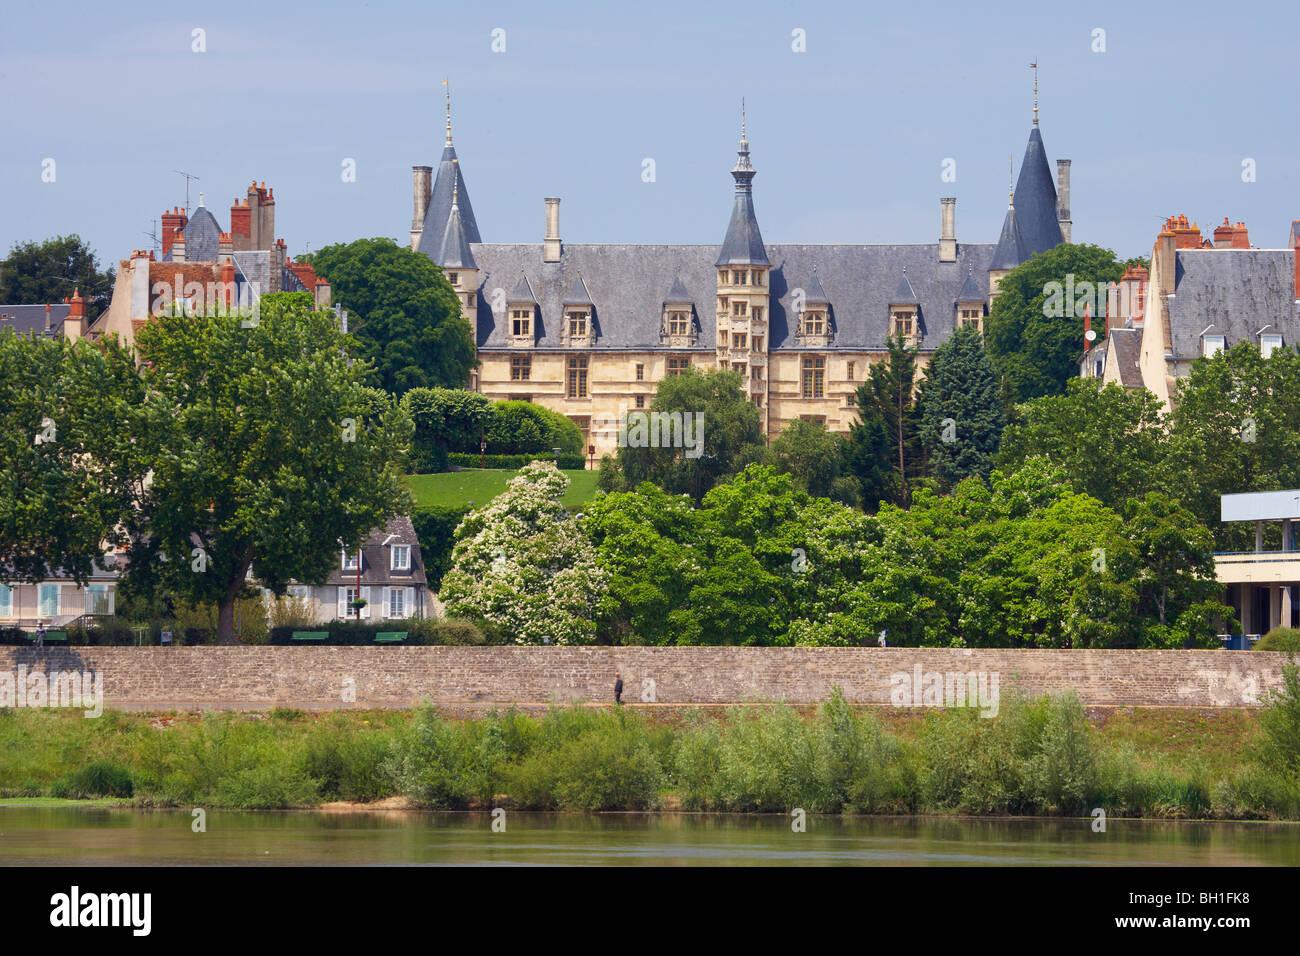 Palais Ducal, The Way of St. James, Chemins de Saint Jacques, Via Lemovicensis, Dept. Nievre, Burgundy, France, - Stock Image